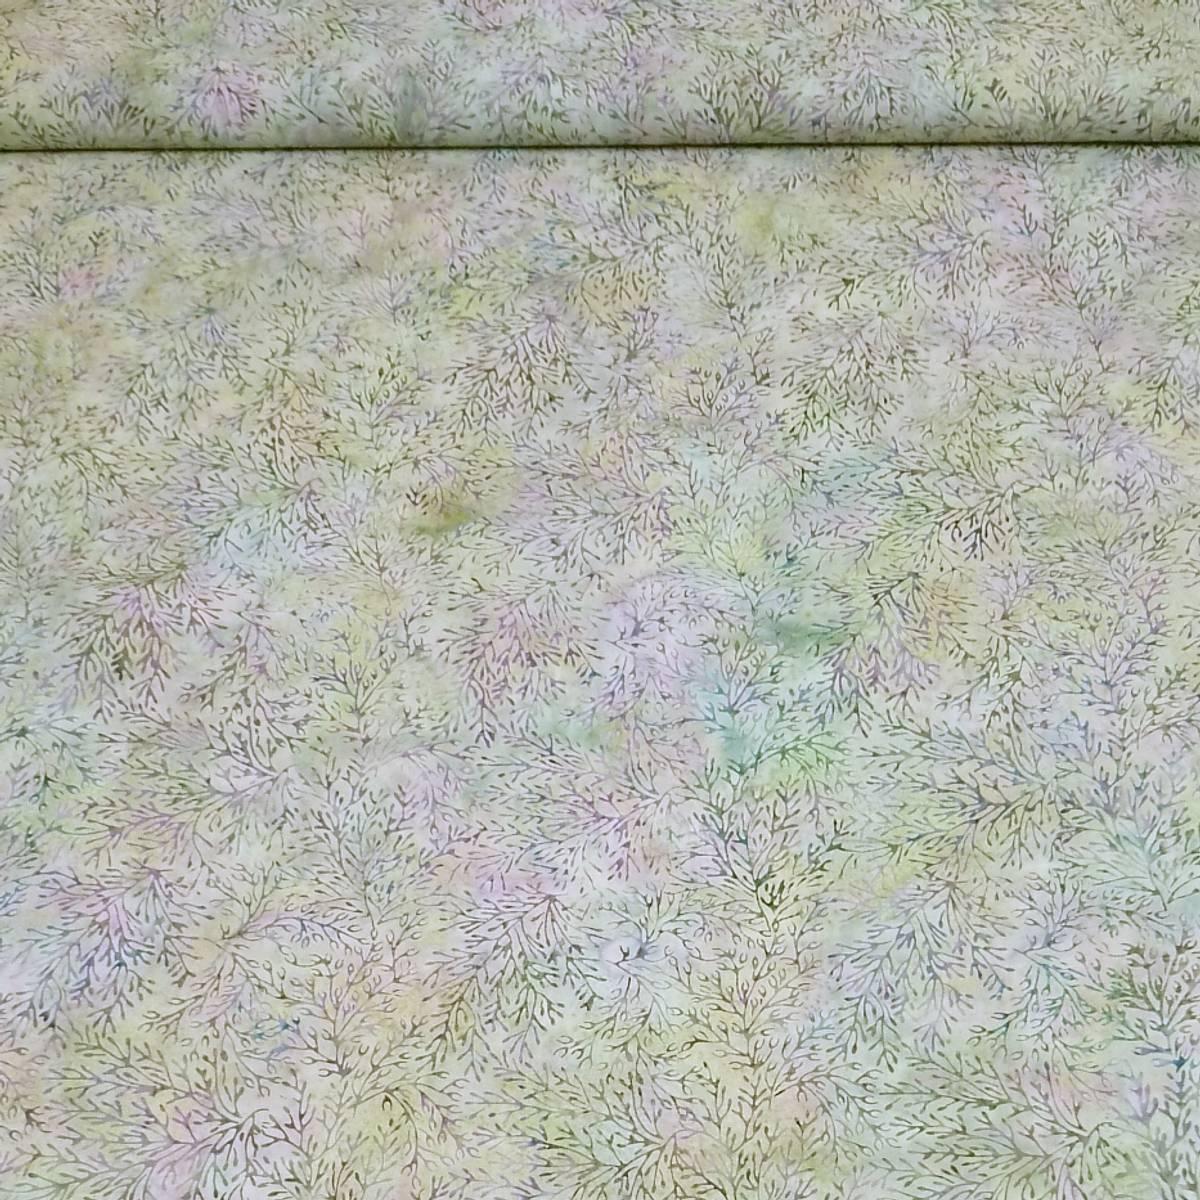 Batikk - ca 8 cm ranker på pastell grønn-blå-lilla